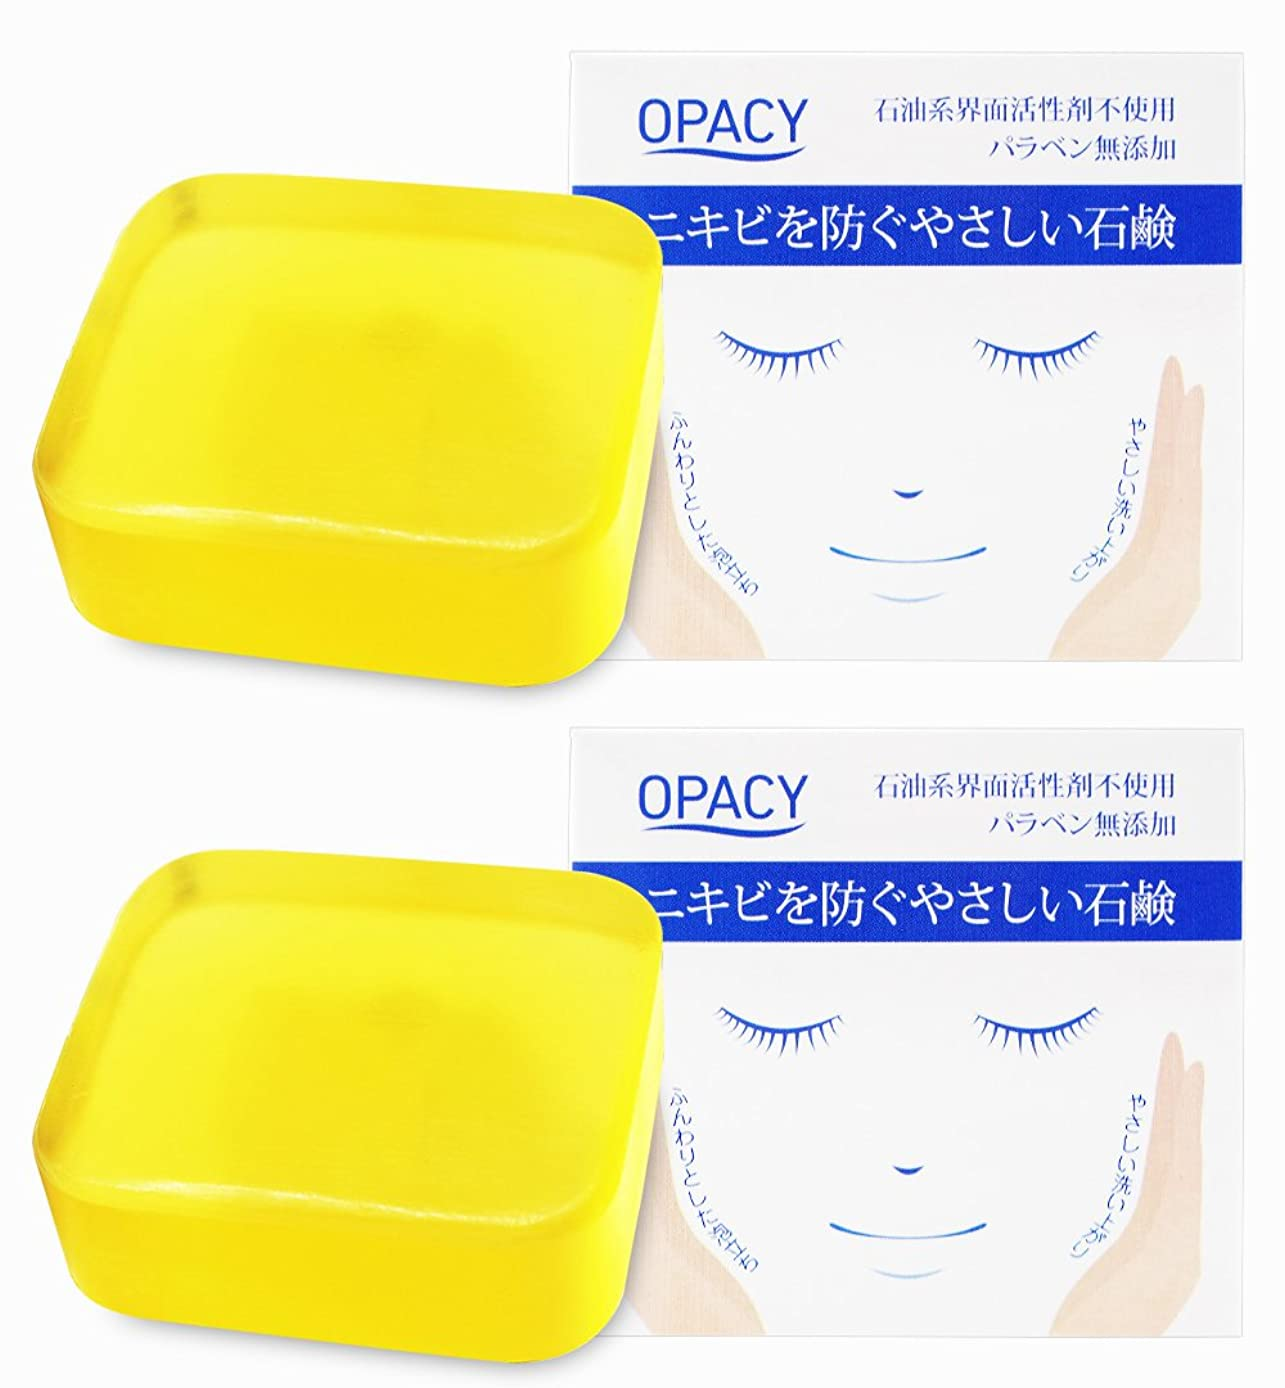 誇張スリルインフレーション【2個セット】オパシー石鹸100g (2個)